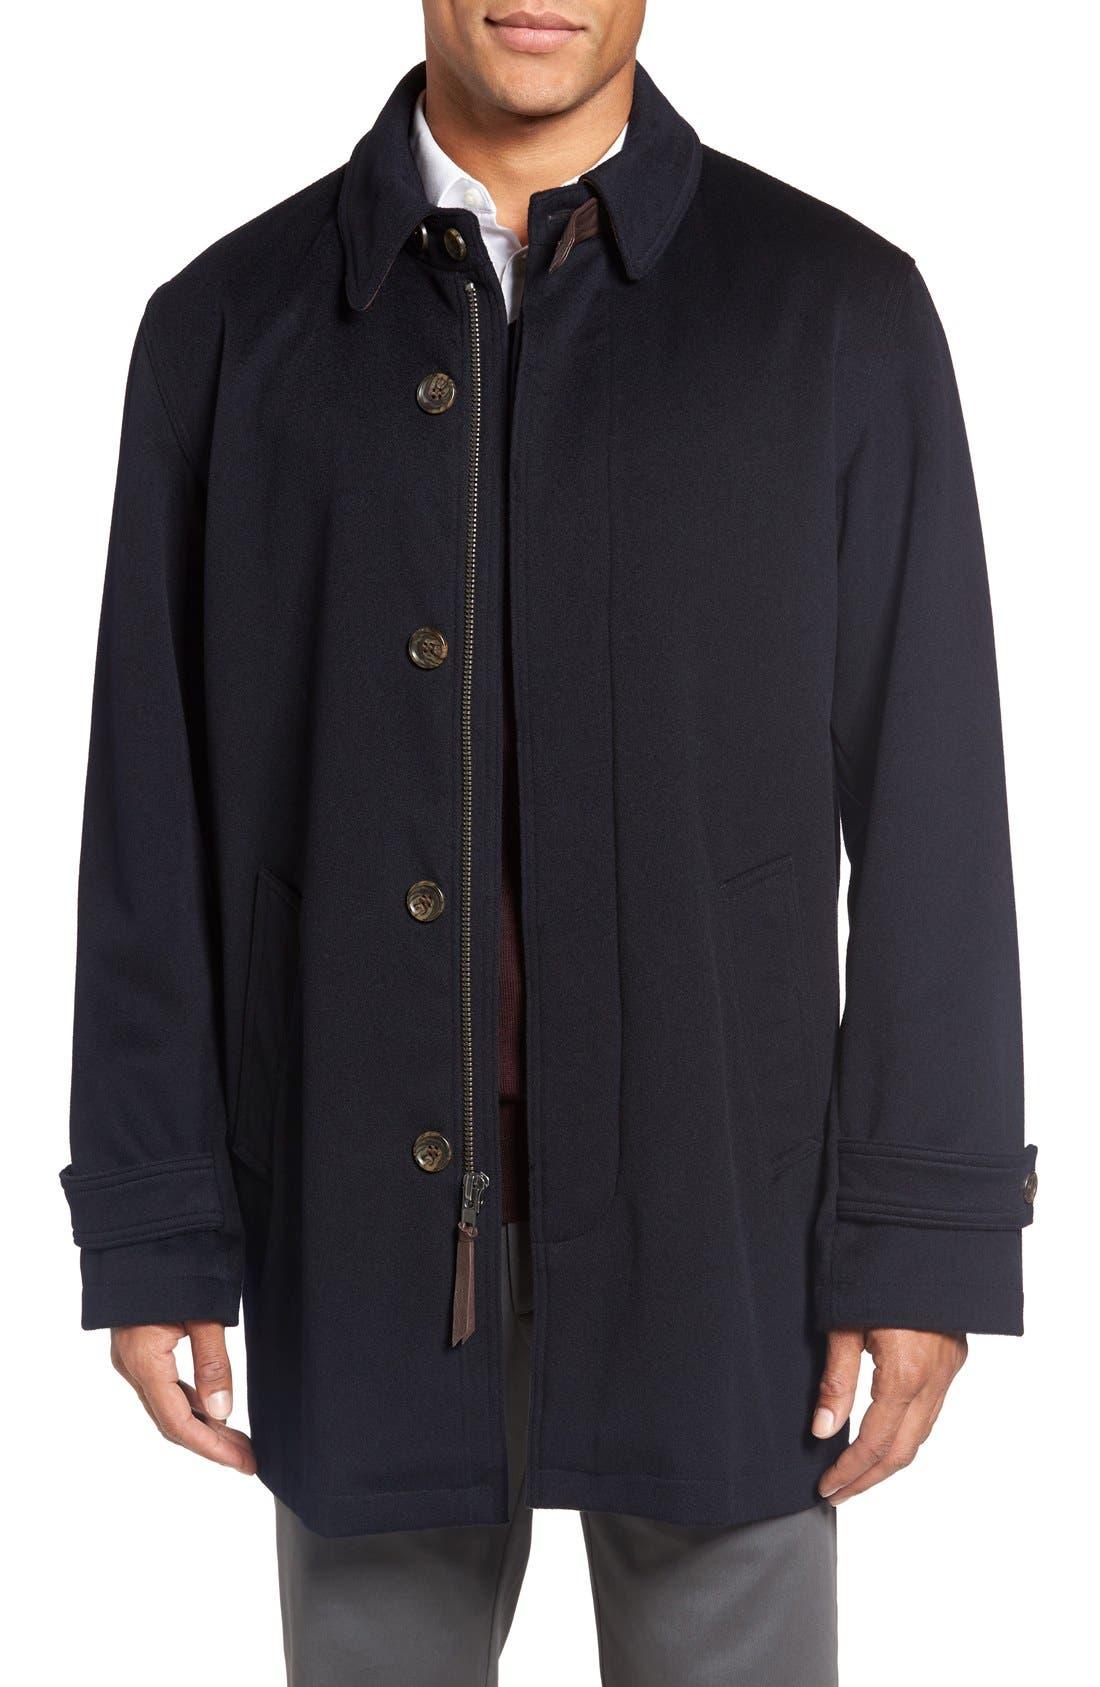 Alternate Image 1 Selected - Golden Bear Wool Overcoat